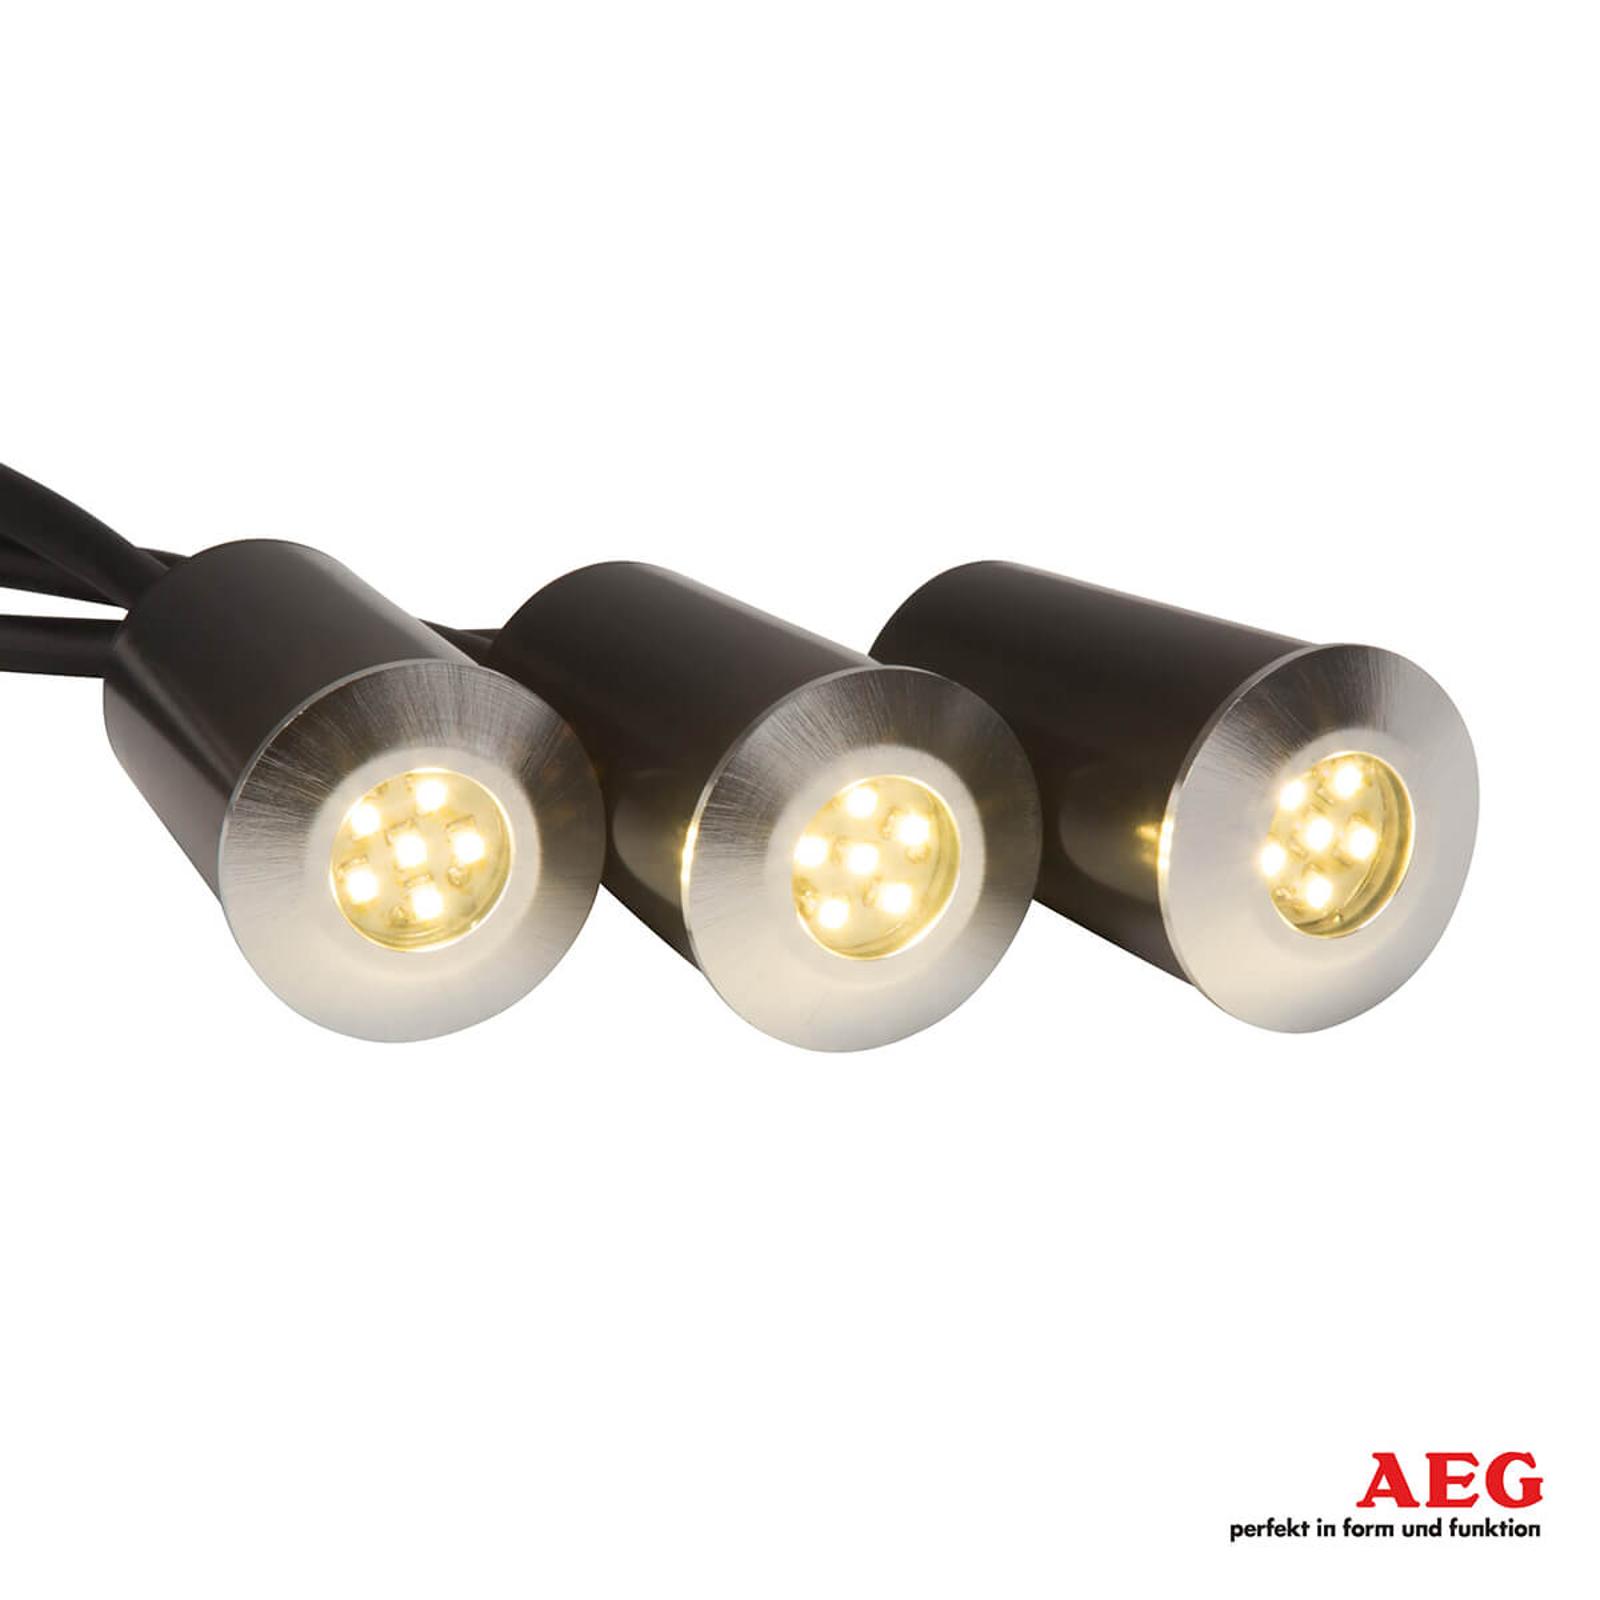 Albedo LED-bakkespot i sett på 3